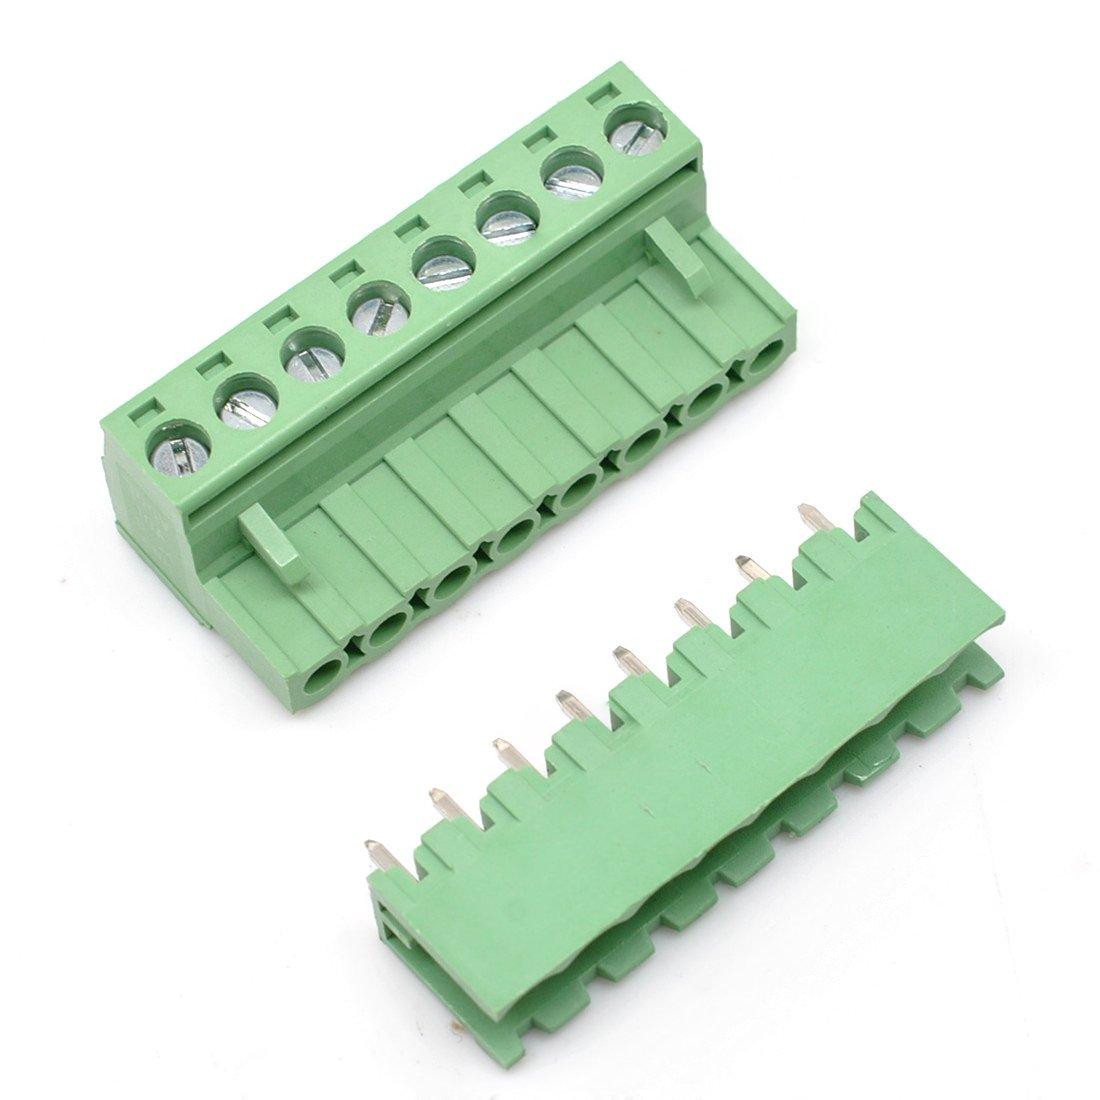 10 Set 9-Pin 5.08mm Pitch Male Female PCB Screw Terminal Block